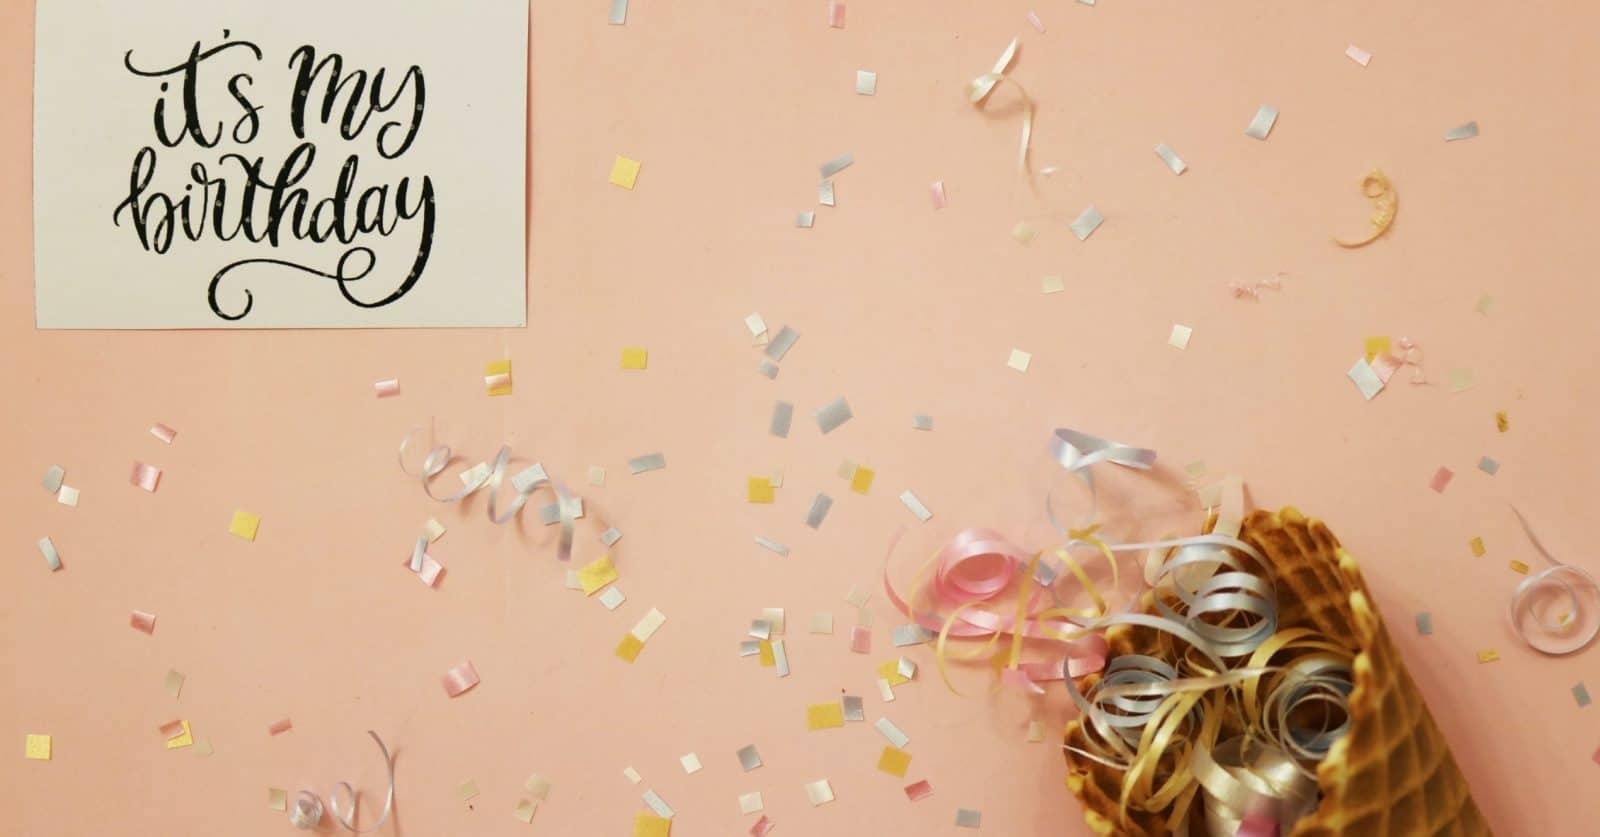 Inviti di compleanno: esempi da inviare anche con WhatsApp!